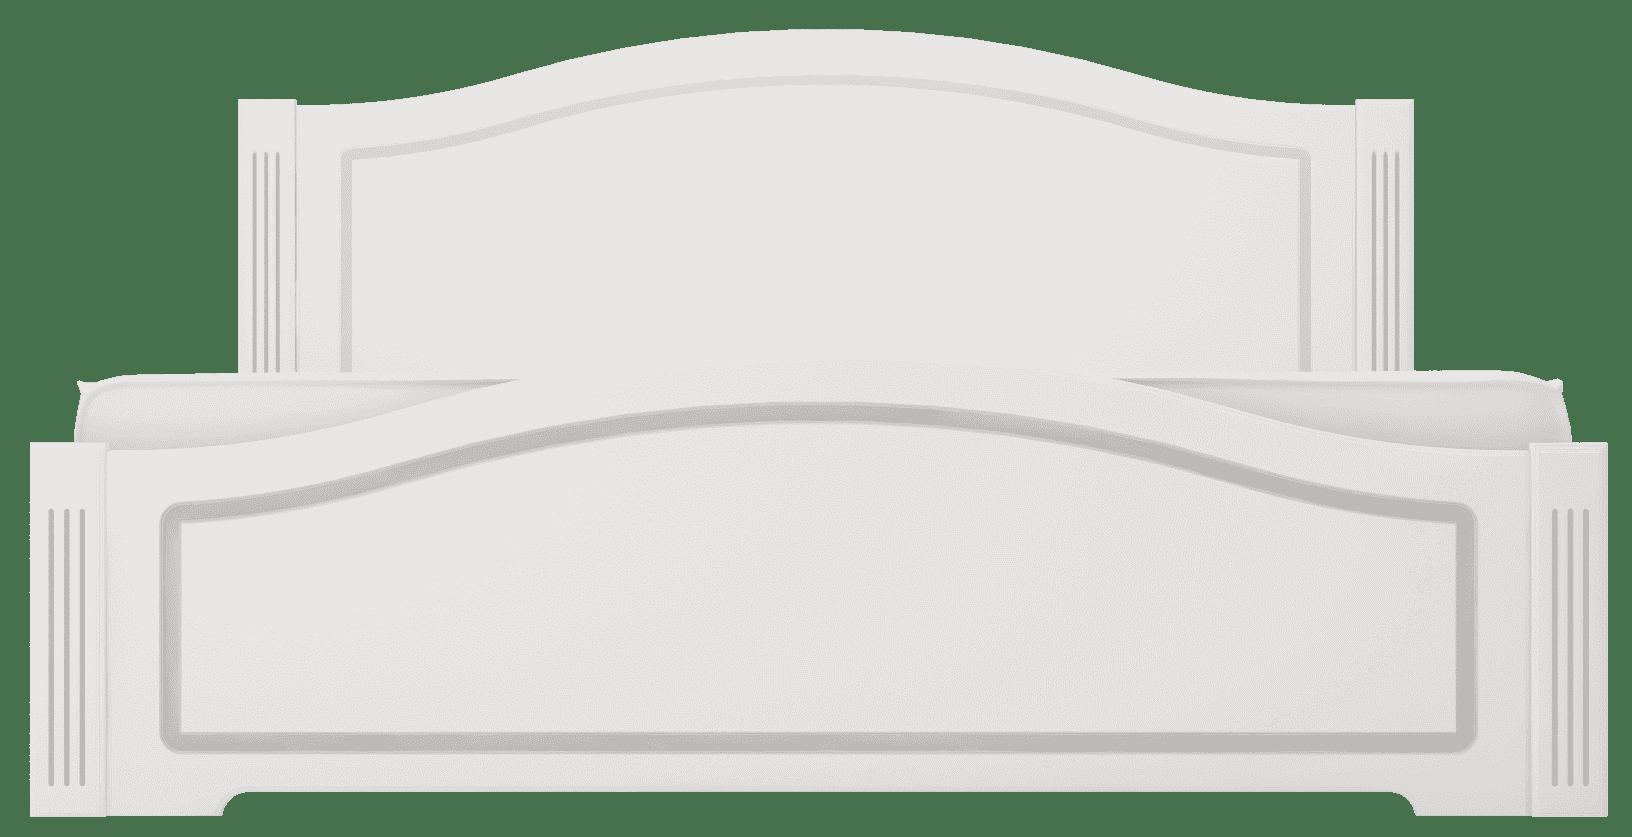 Кровать 140*200 см с латами Виктория 21, без матраса